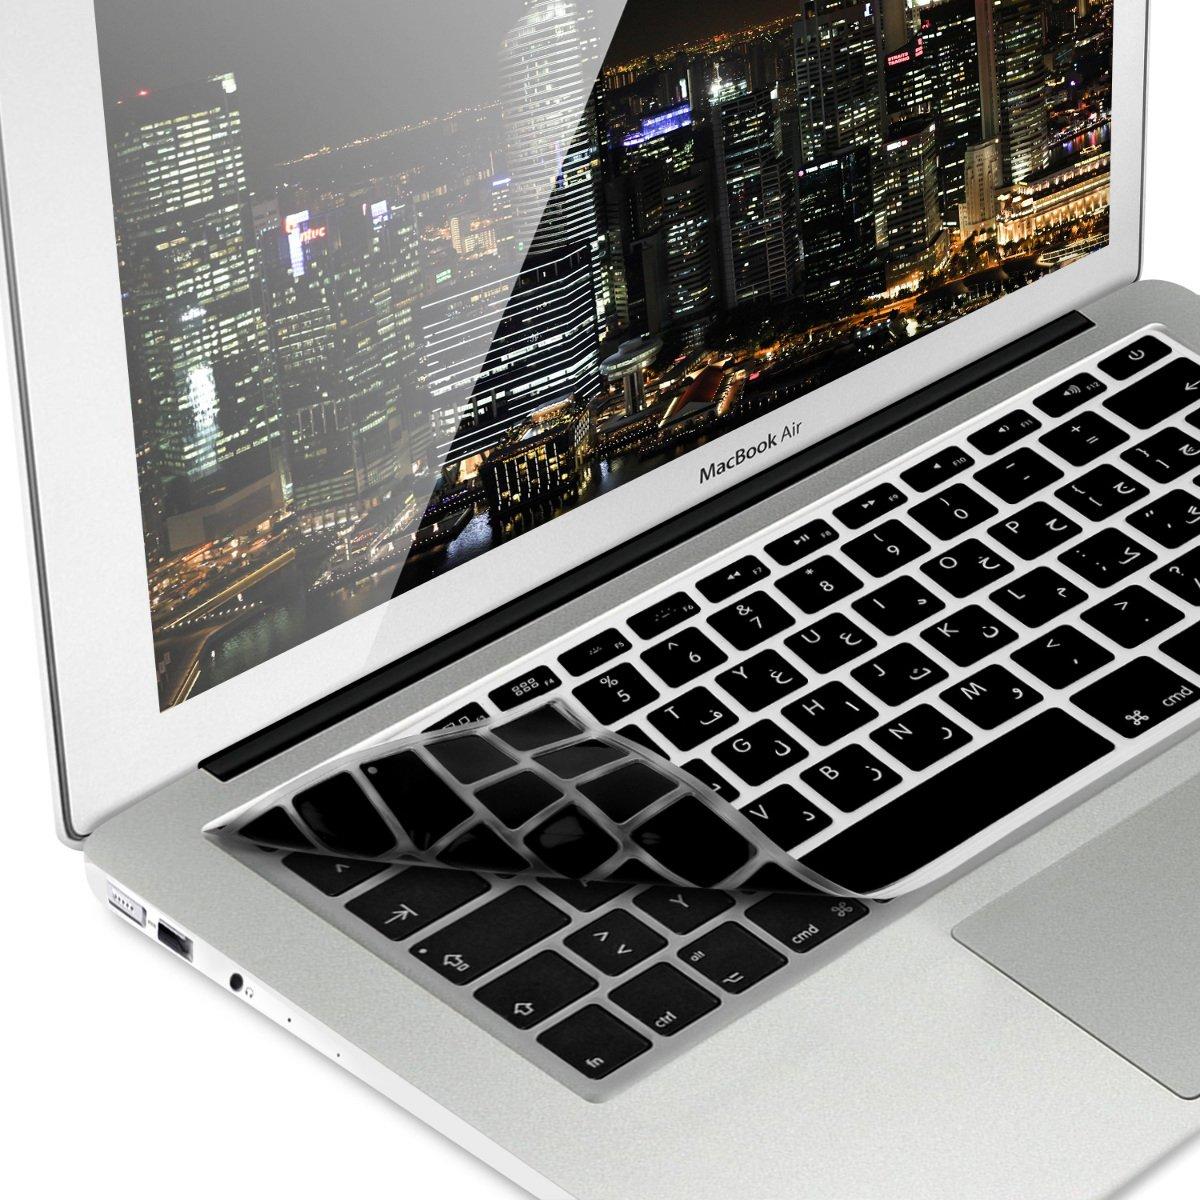 kwmobile Protection Clavier en Silicone QWERTY (Arabe) pour Apple MacBook Air 13''/ Pro Retina 13''/ 15'' (à mi 2016) Noir KW-Commerce 41430.01_m000108